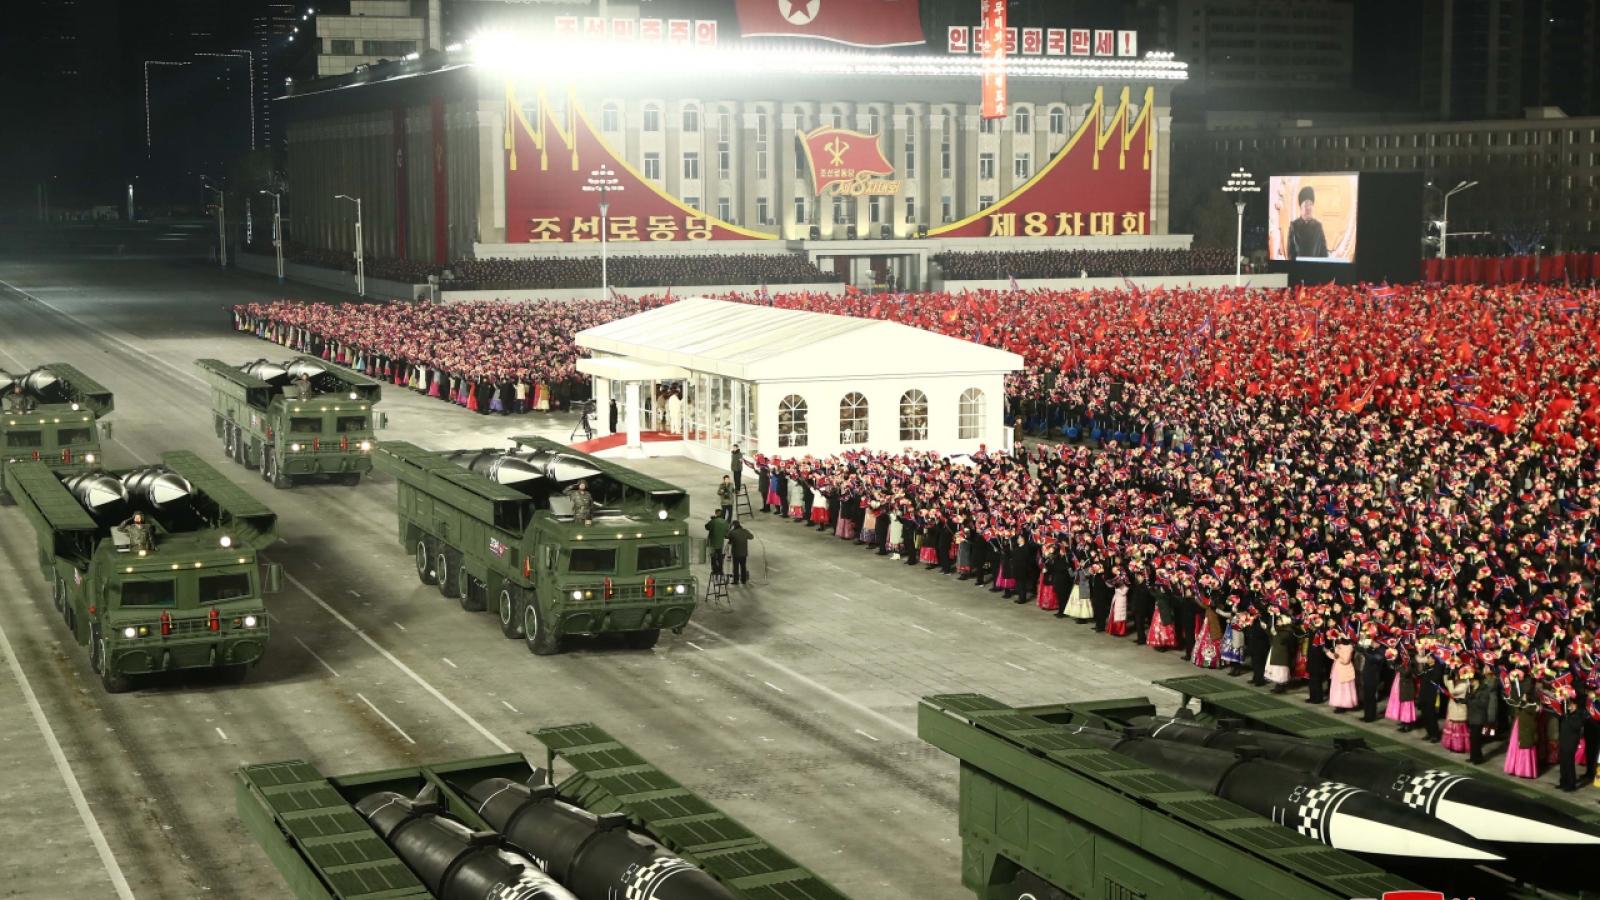 Triều Tiên duyệt binh trong đêm, tên lửa đạn đạo không xuất hiện